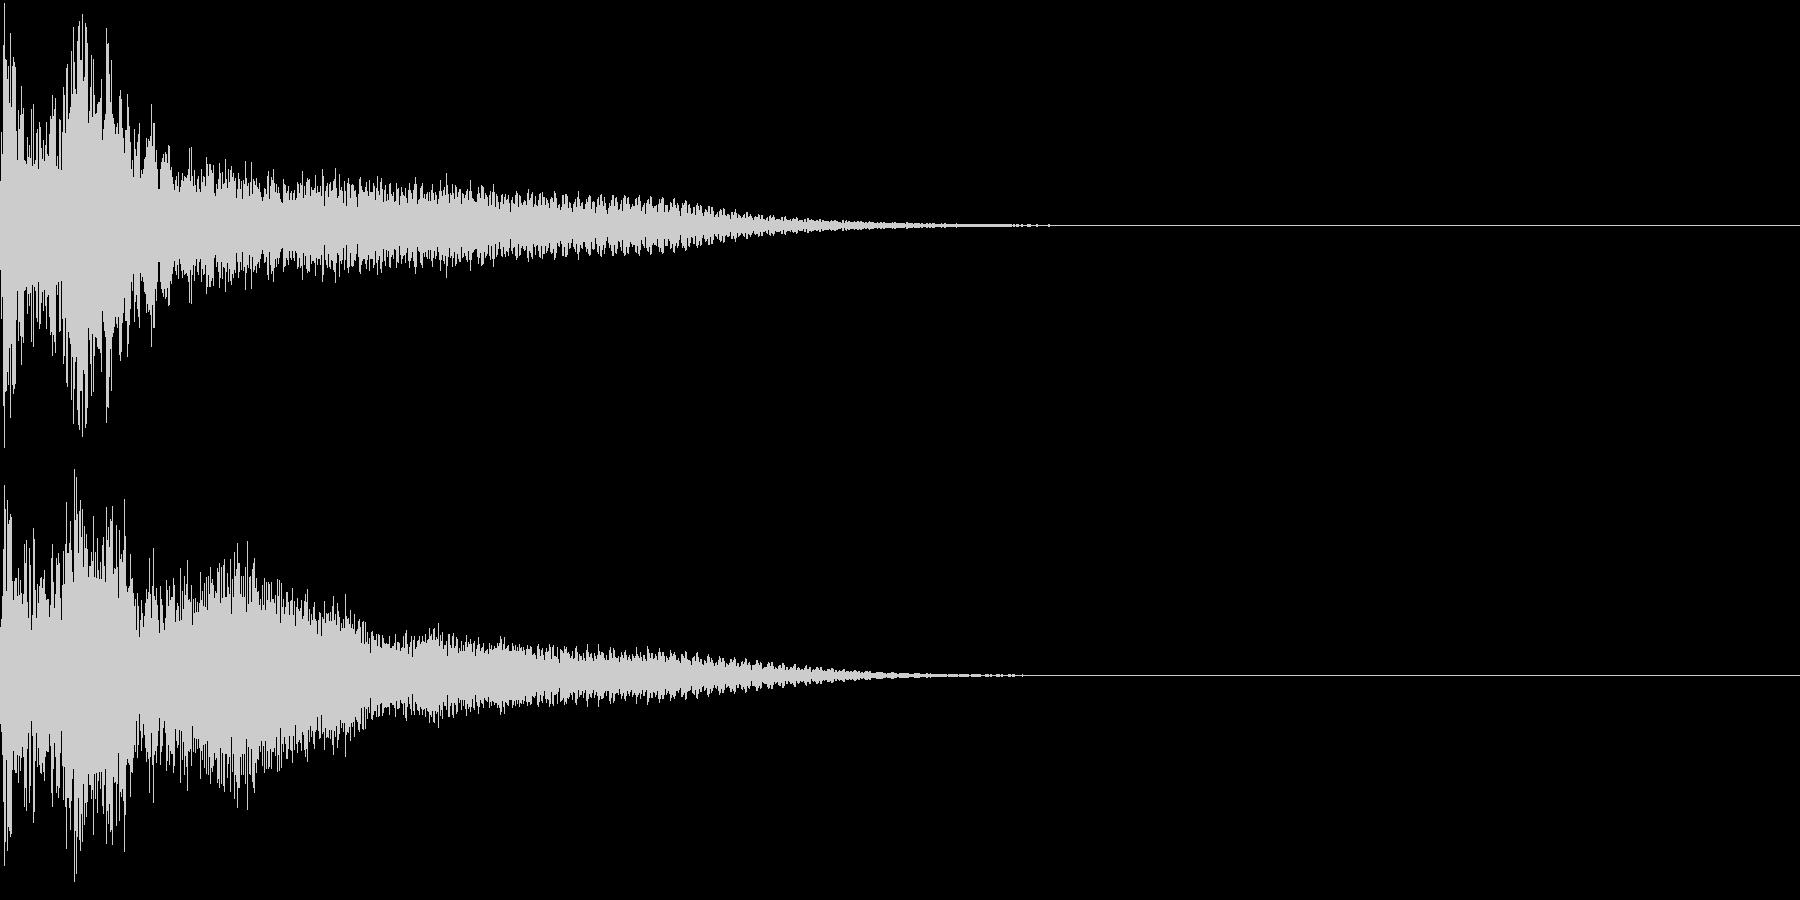 ロボット 合体 ガシーン キュイン 28の未再生の波形